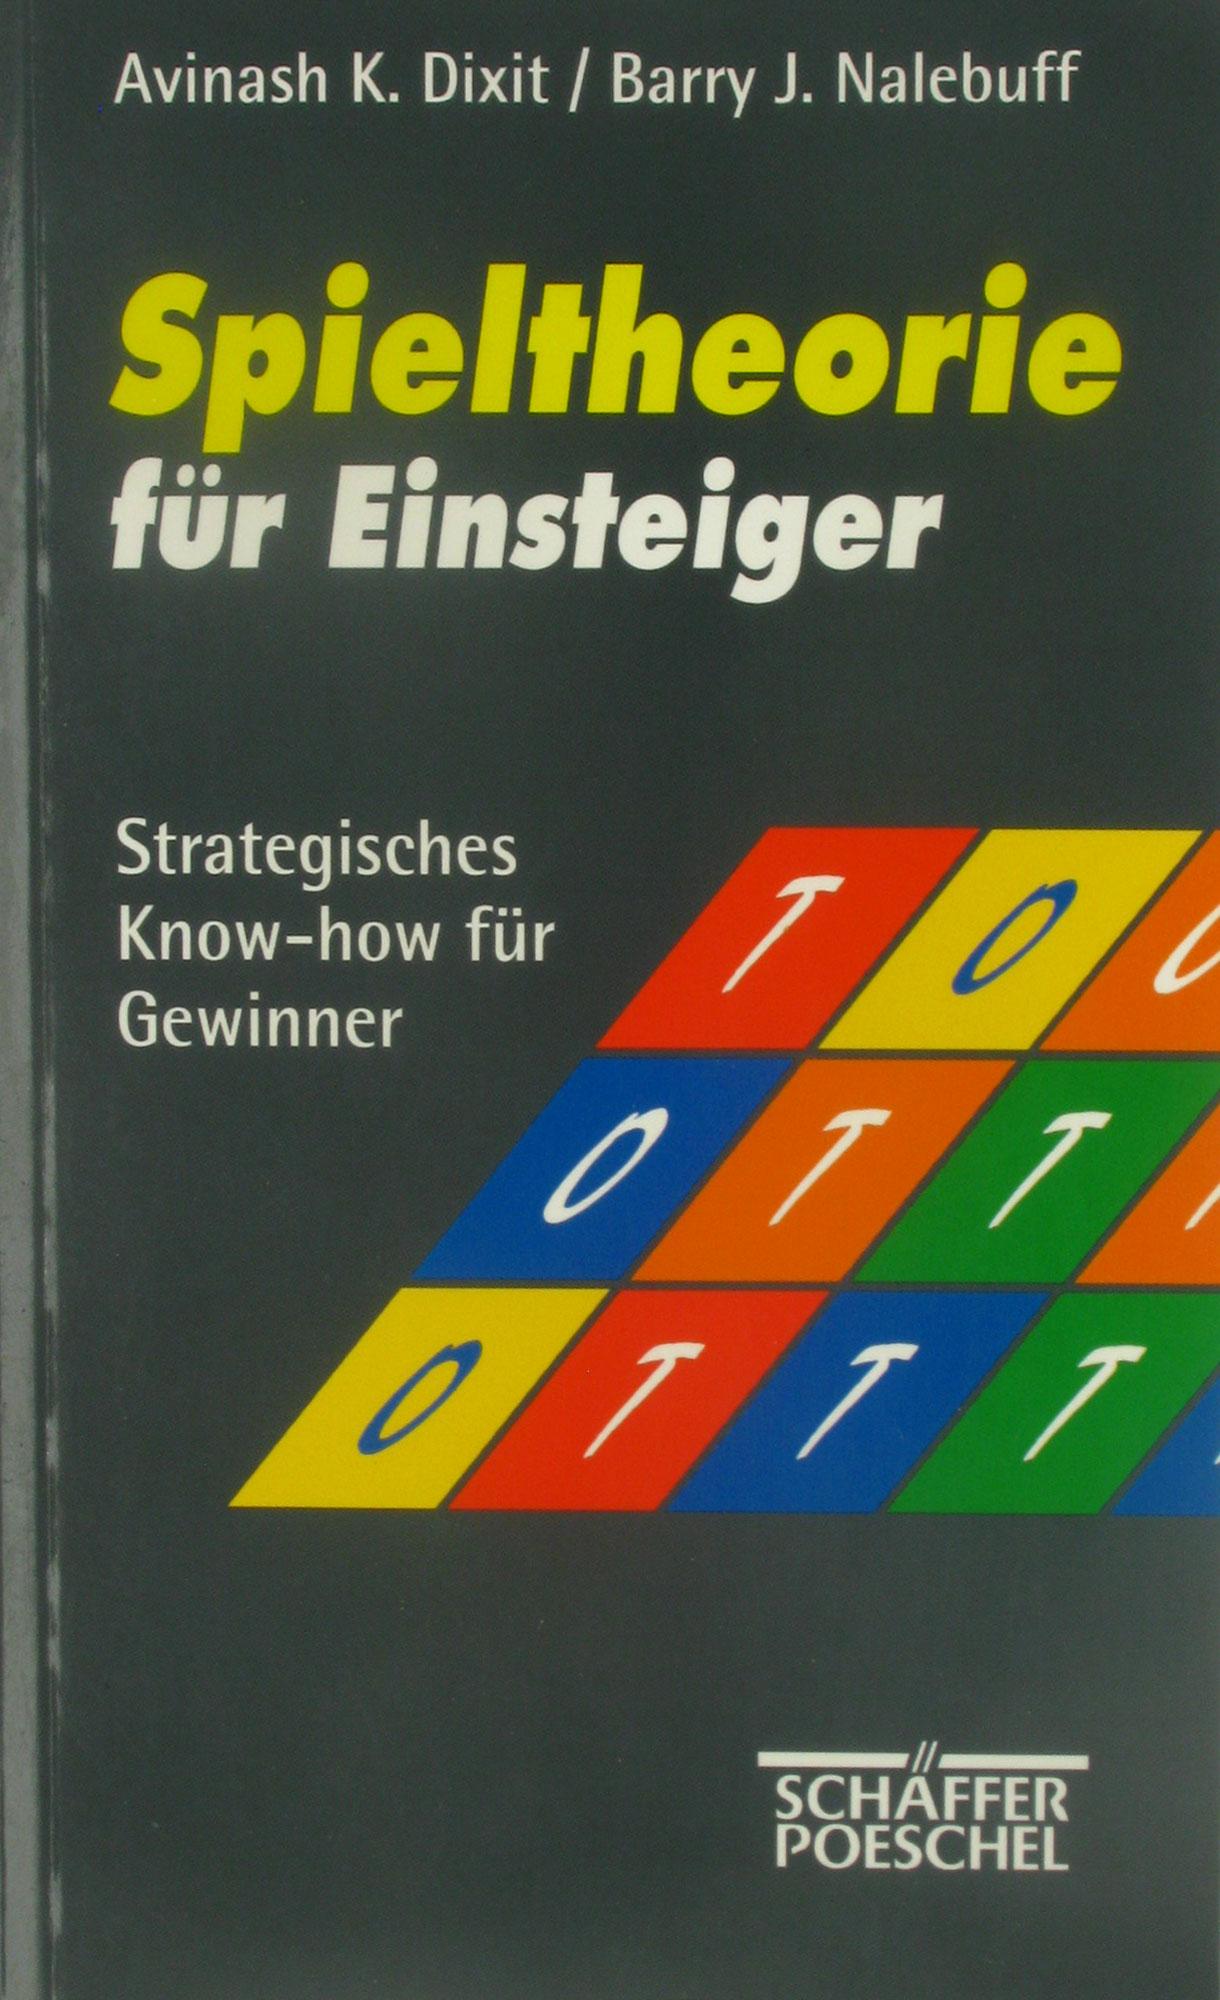 Spieltheorie für Einsteiger. Strategisches Know-how für Gewinner. - Dixit, Avinash K. und Barry J. Nalebuff